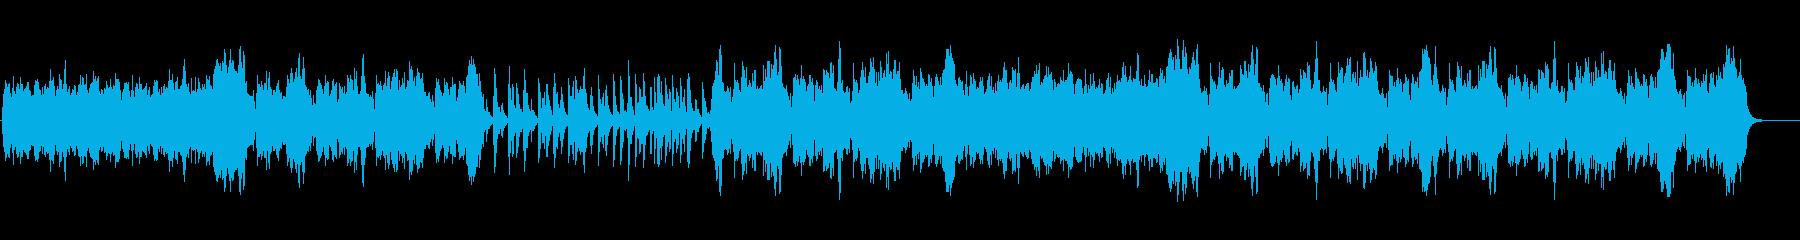 優雅なティータイムのBGMの再生済みの波形